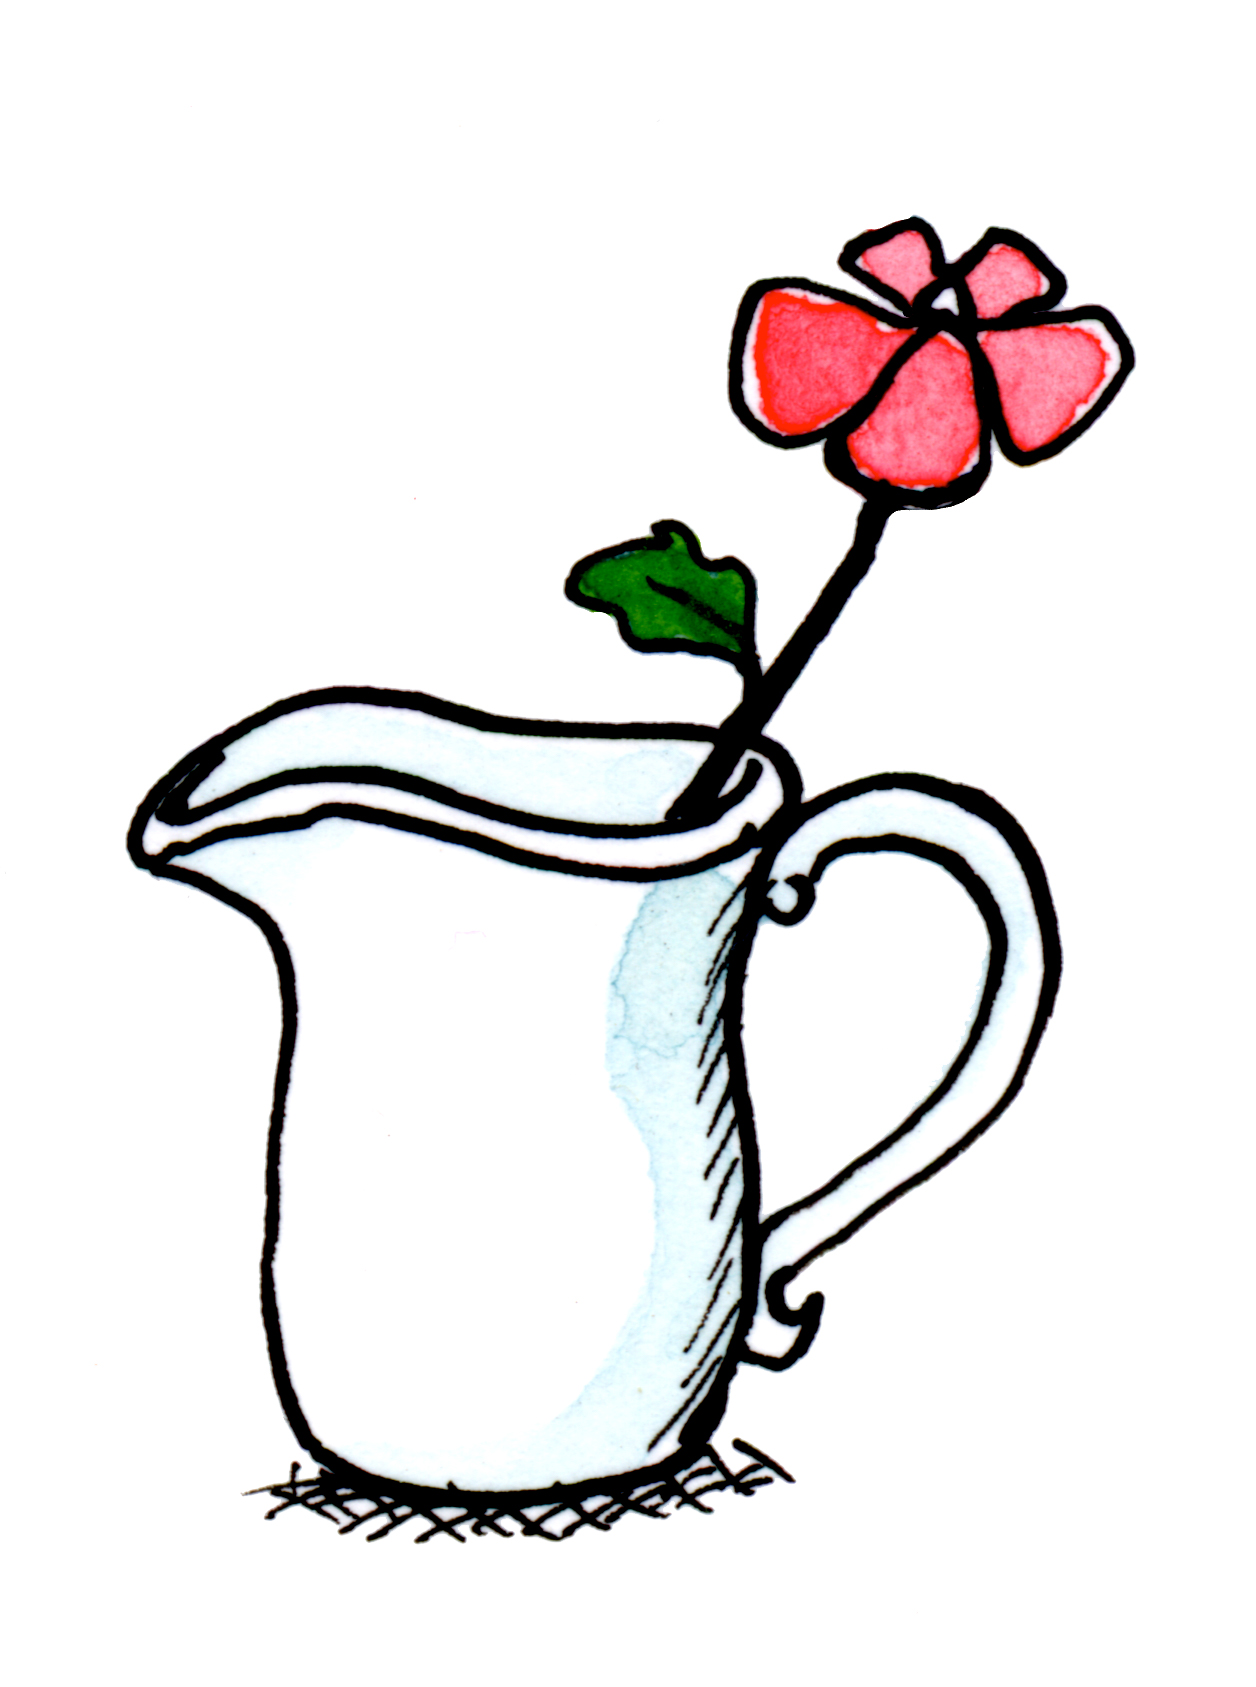 pitcherwithflower.jpg